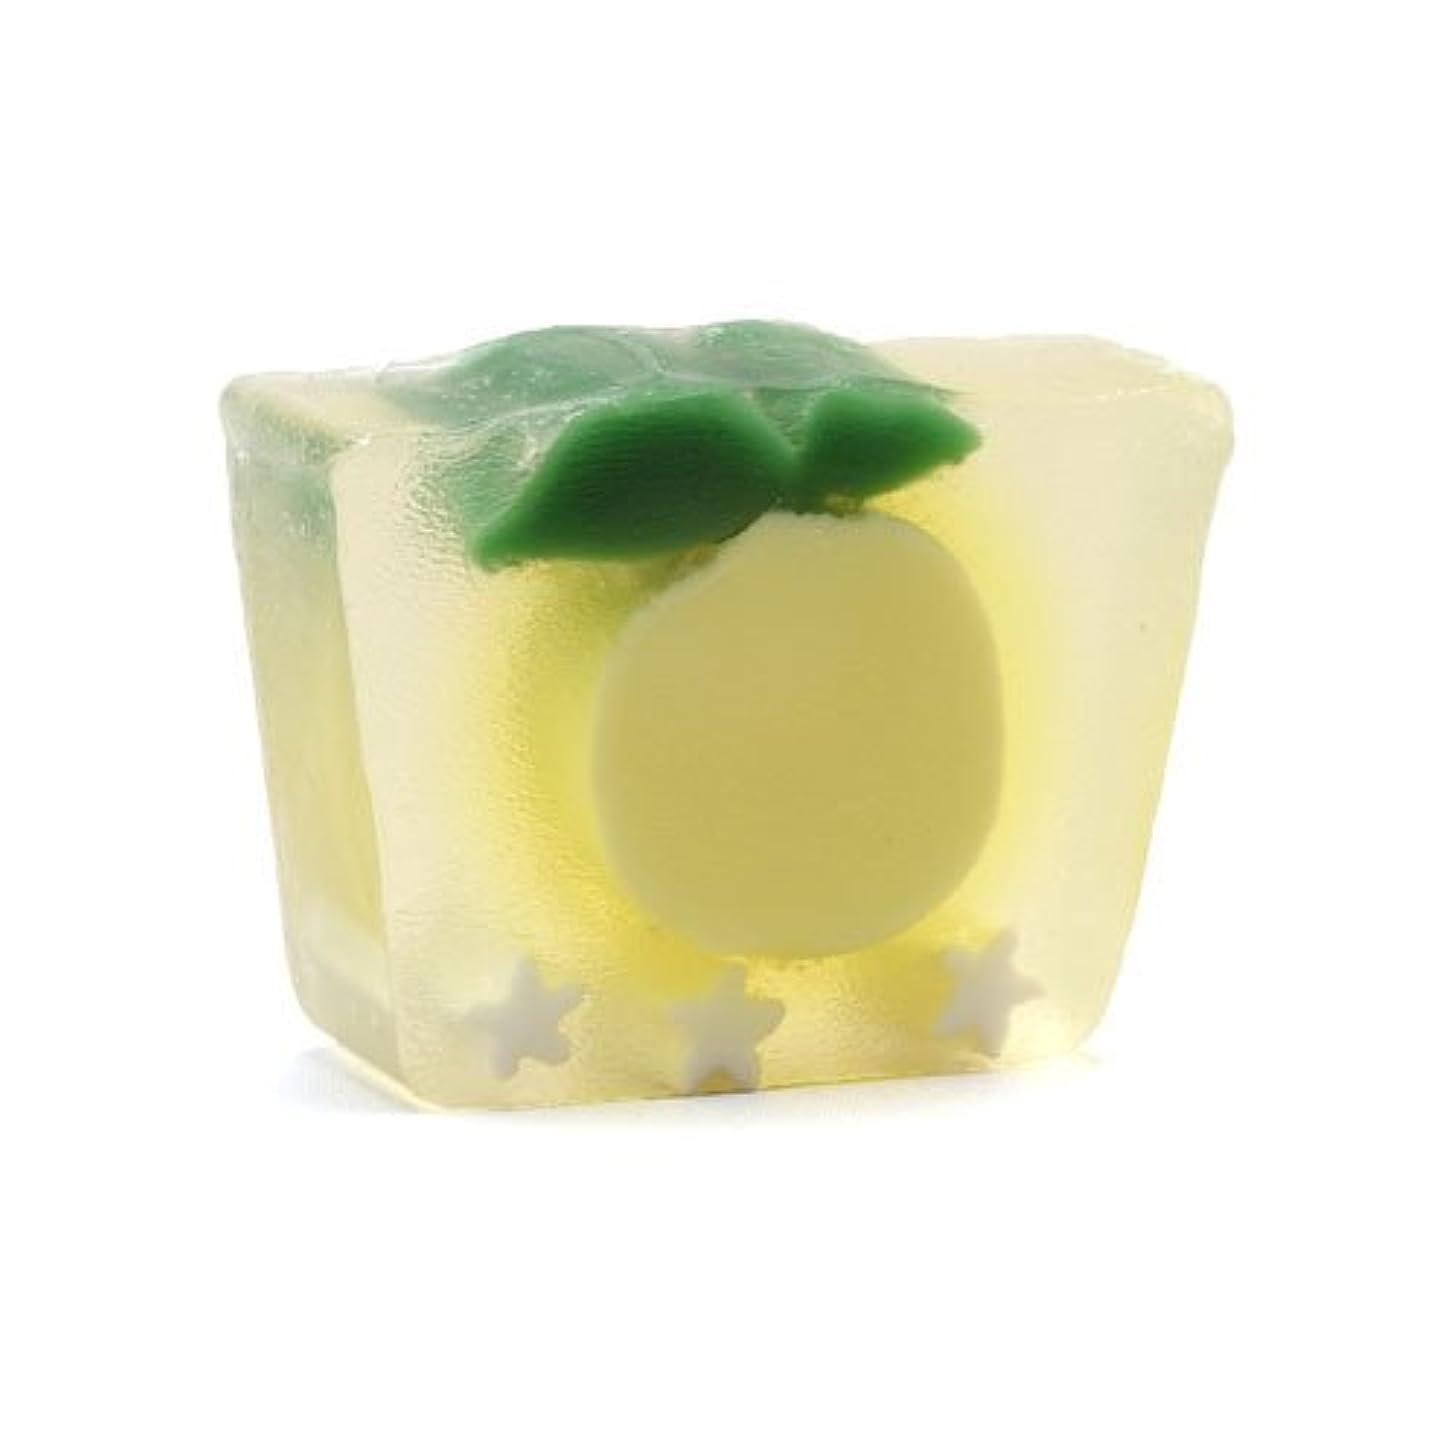 話をする活力削減プライモールエレメンツ アロマティック ミニソープ カリフォルニアレモン 80g 植物性 ナチュラル 石鹸 無添加